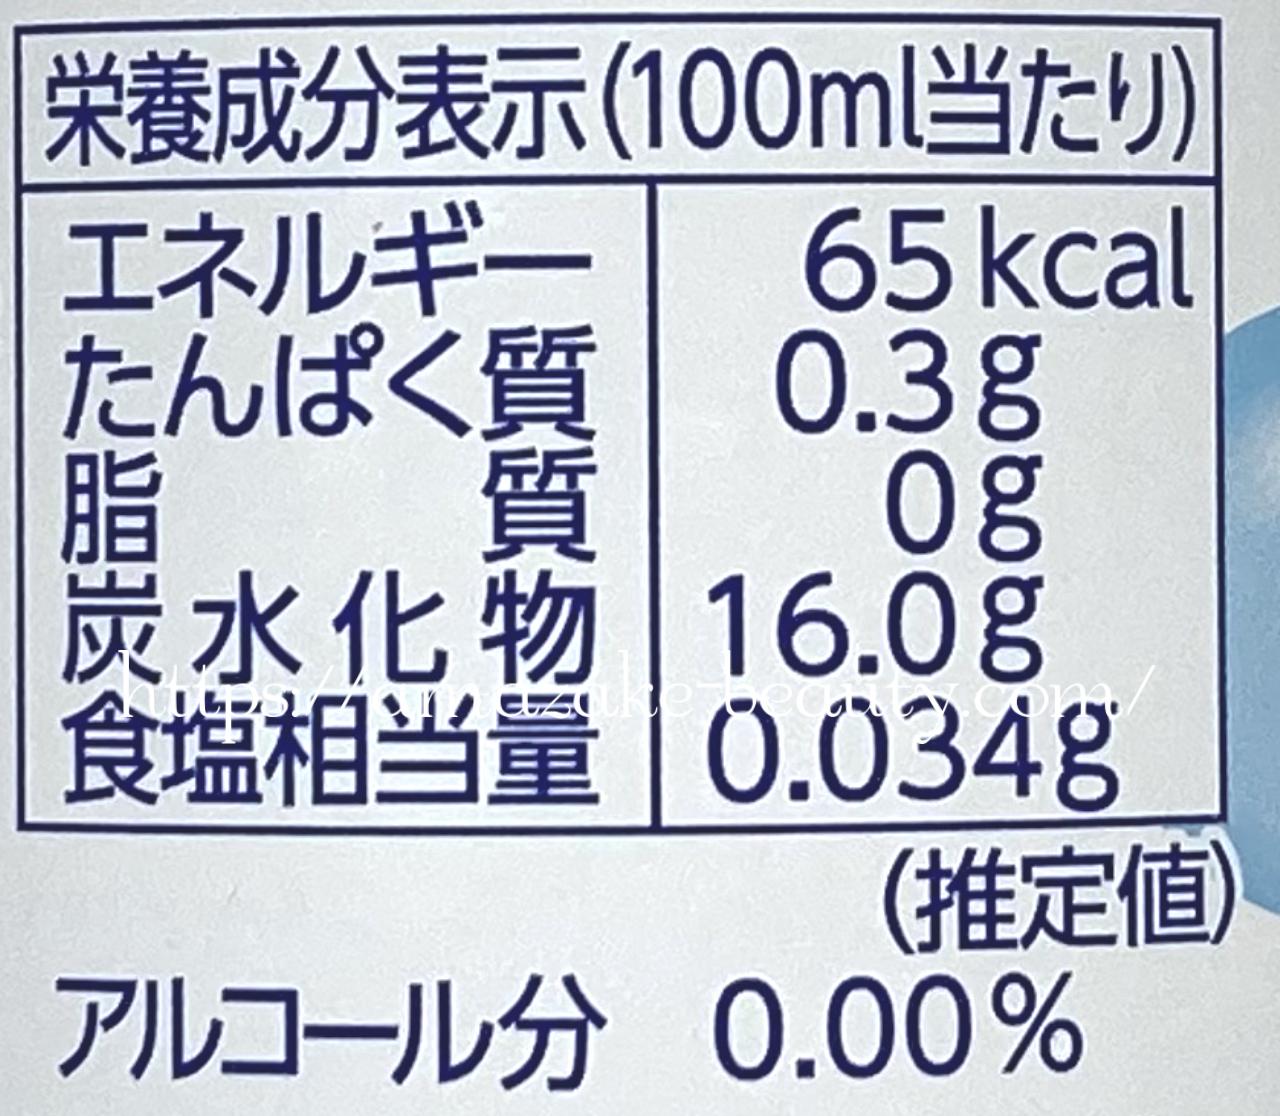 [amazake]morinagaseika[supakuringu komekoji amazake](nutrition information)